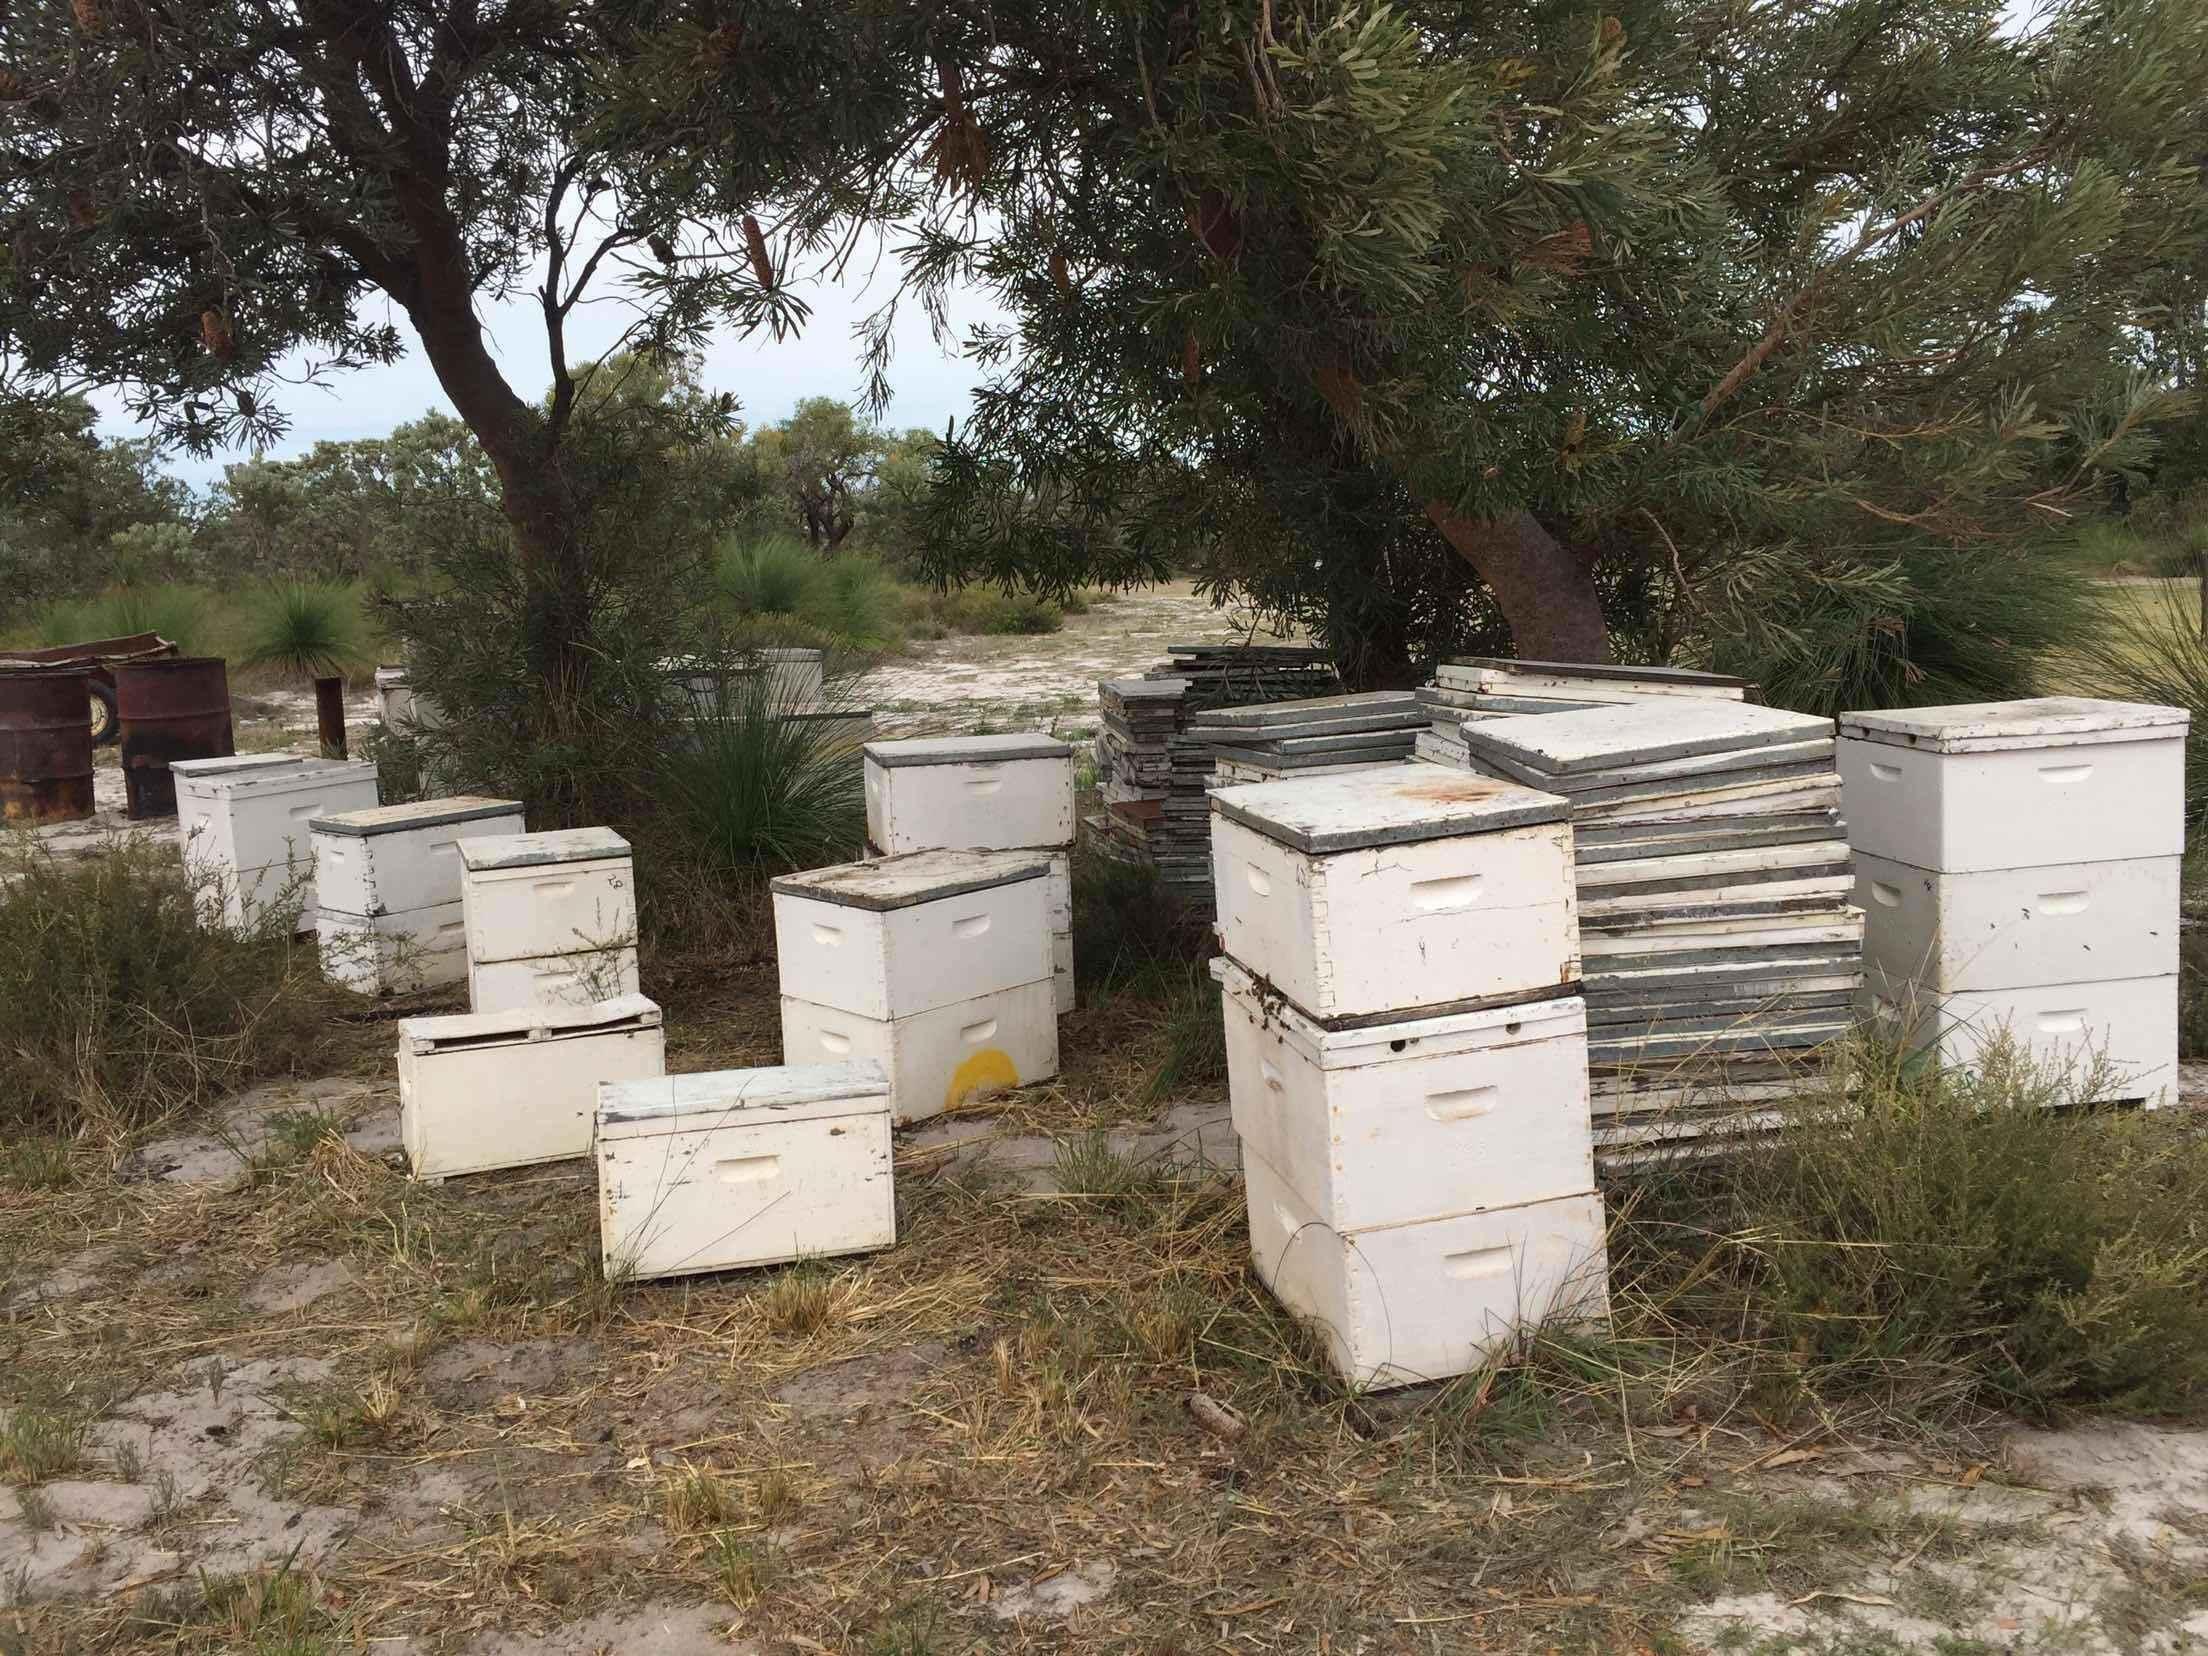 蜂蜜洗脸 蜂蜜美容 蜂蜜好处 慈生堂蜂蜜价格 操作要点